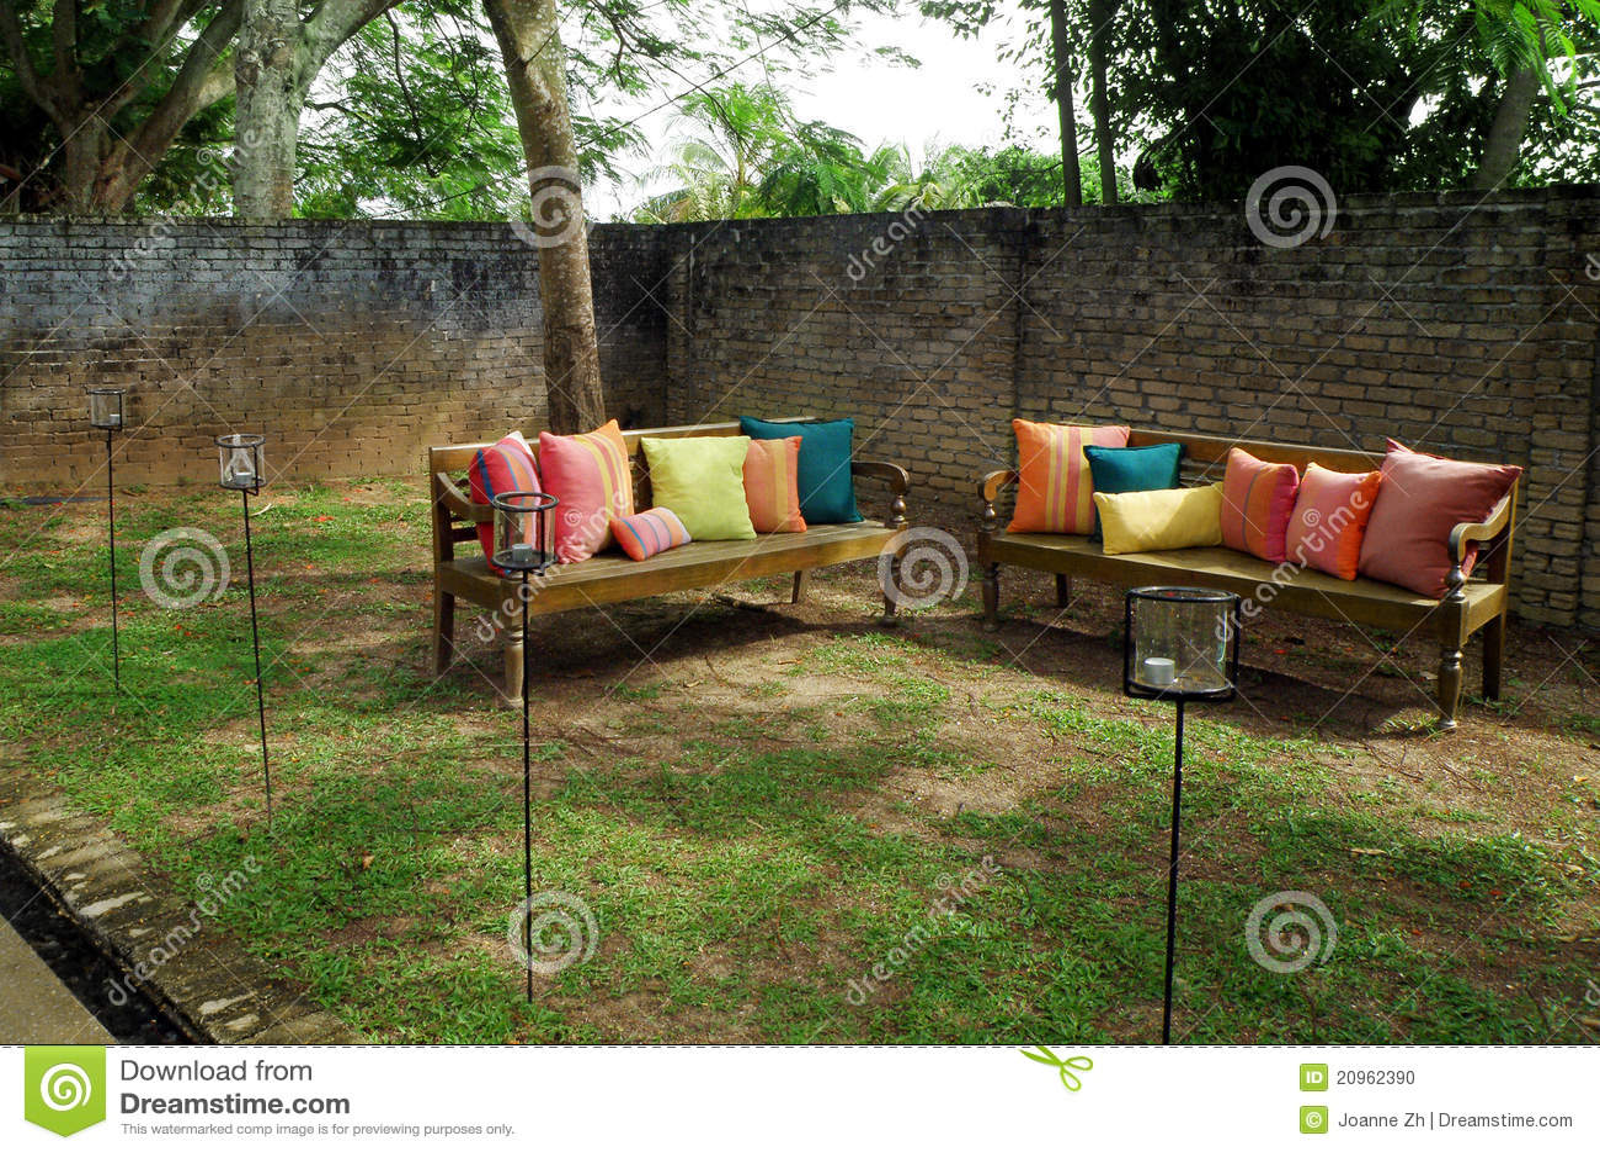 bancos de jardim no rs:de um canto de um jardim tropical ensolarado com os bancos de